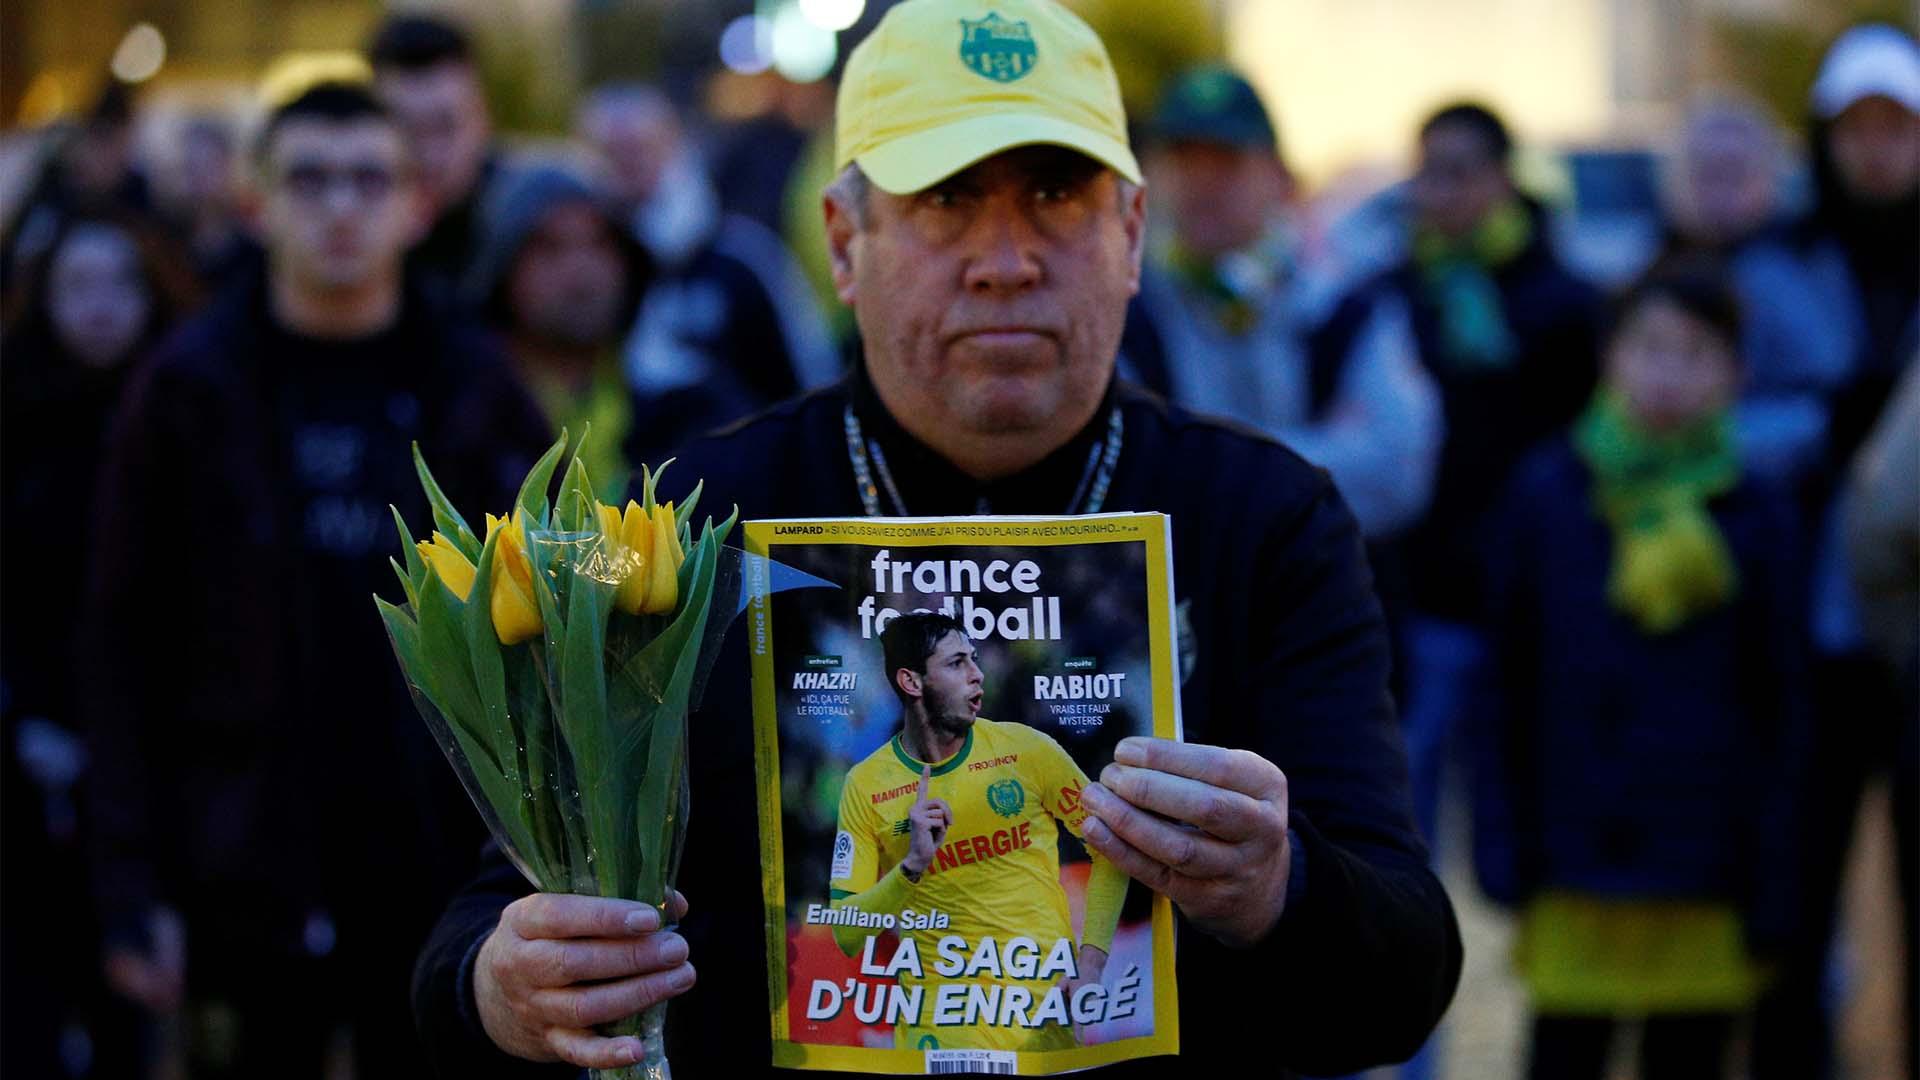 Luego de conocerse el accidente, hinchas del Nantes homenajearon al goleador en su ciudad